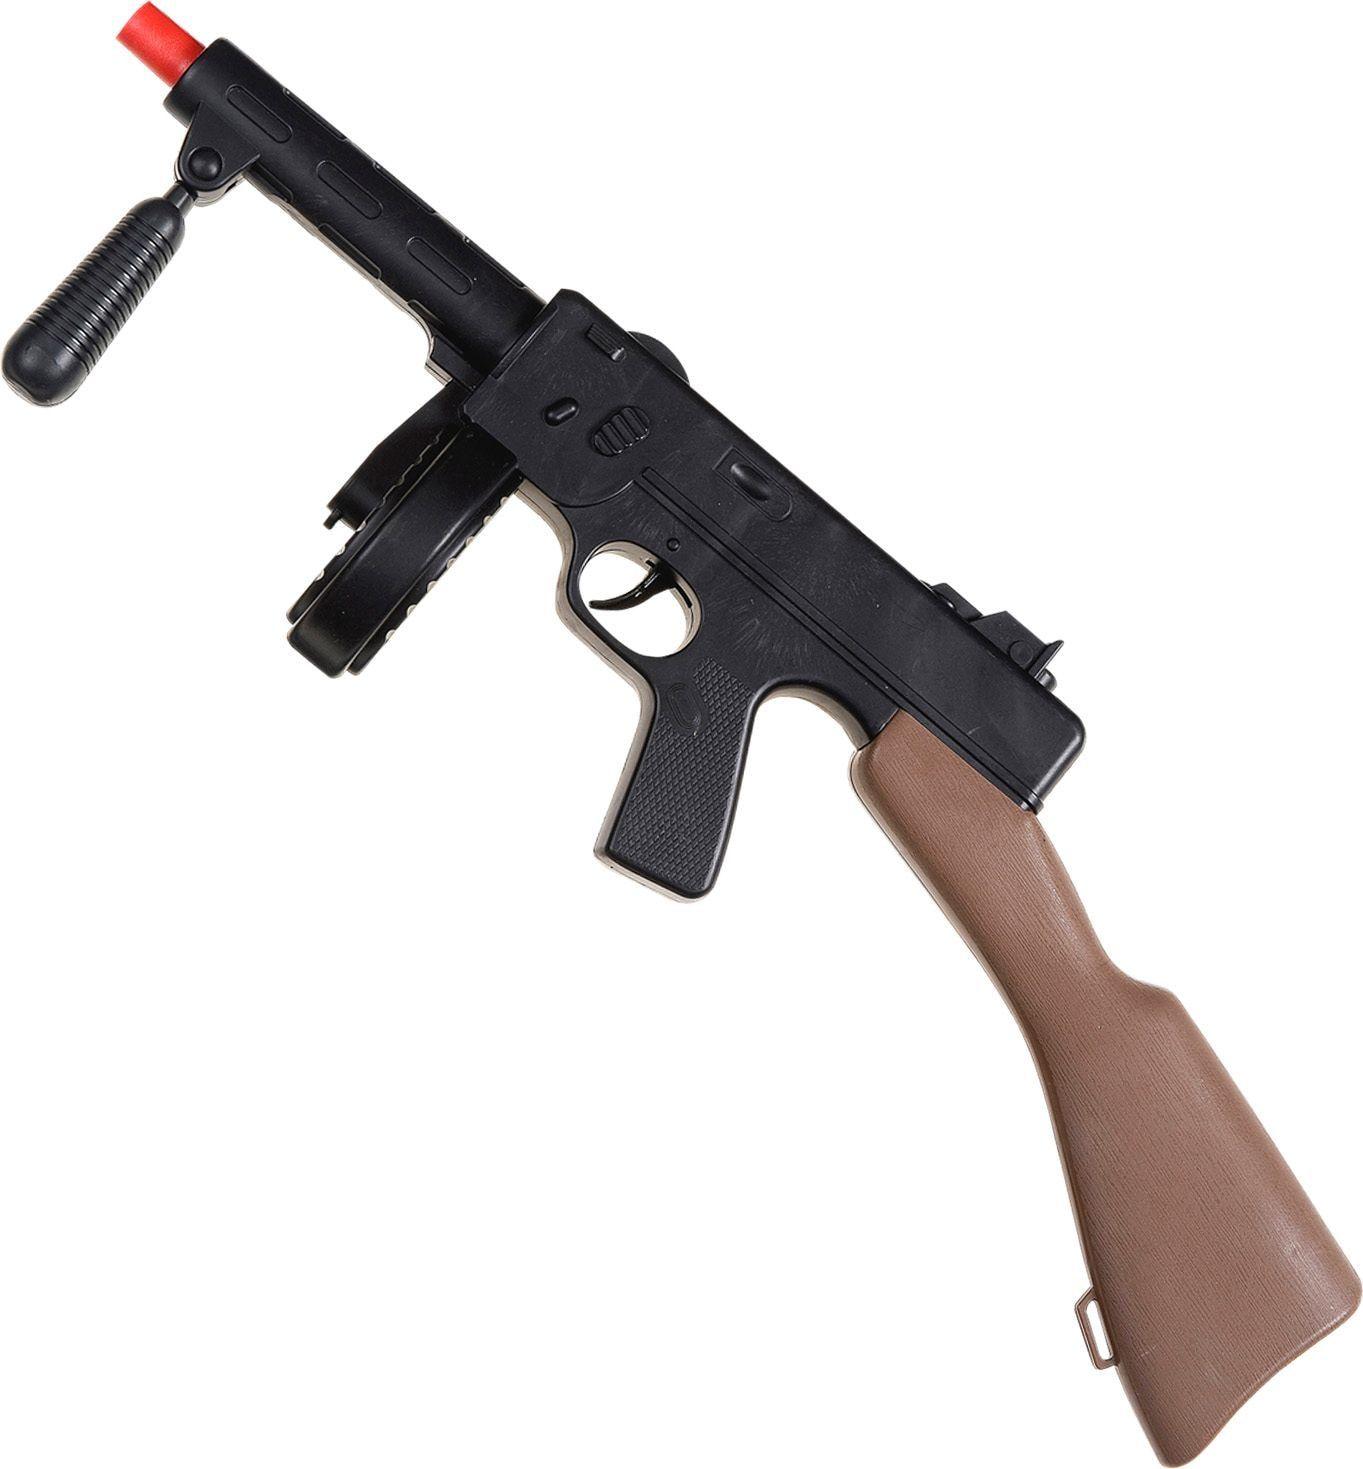 Ump met machinegeweer geluid